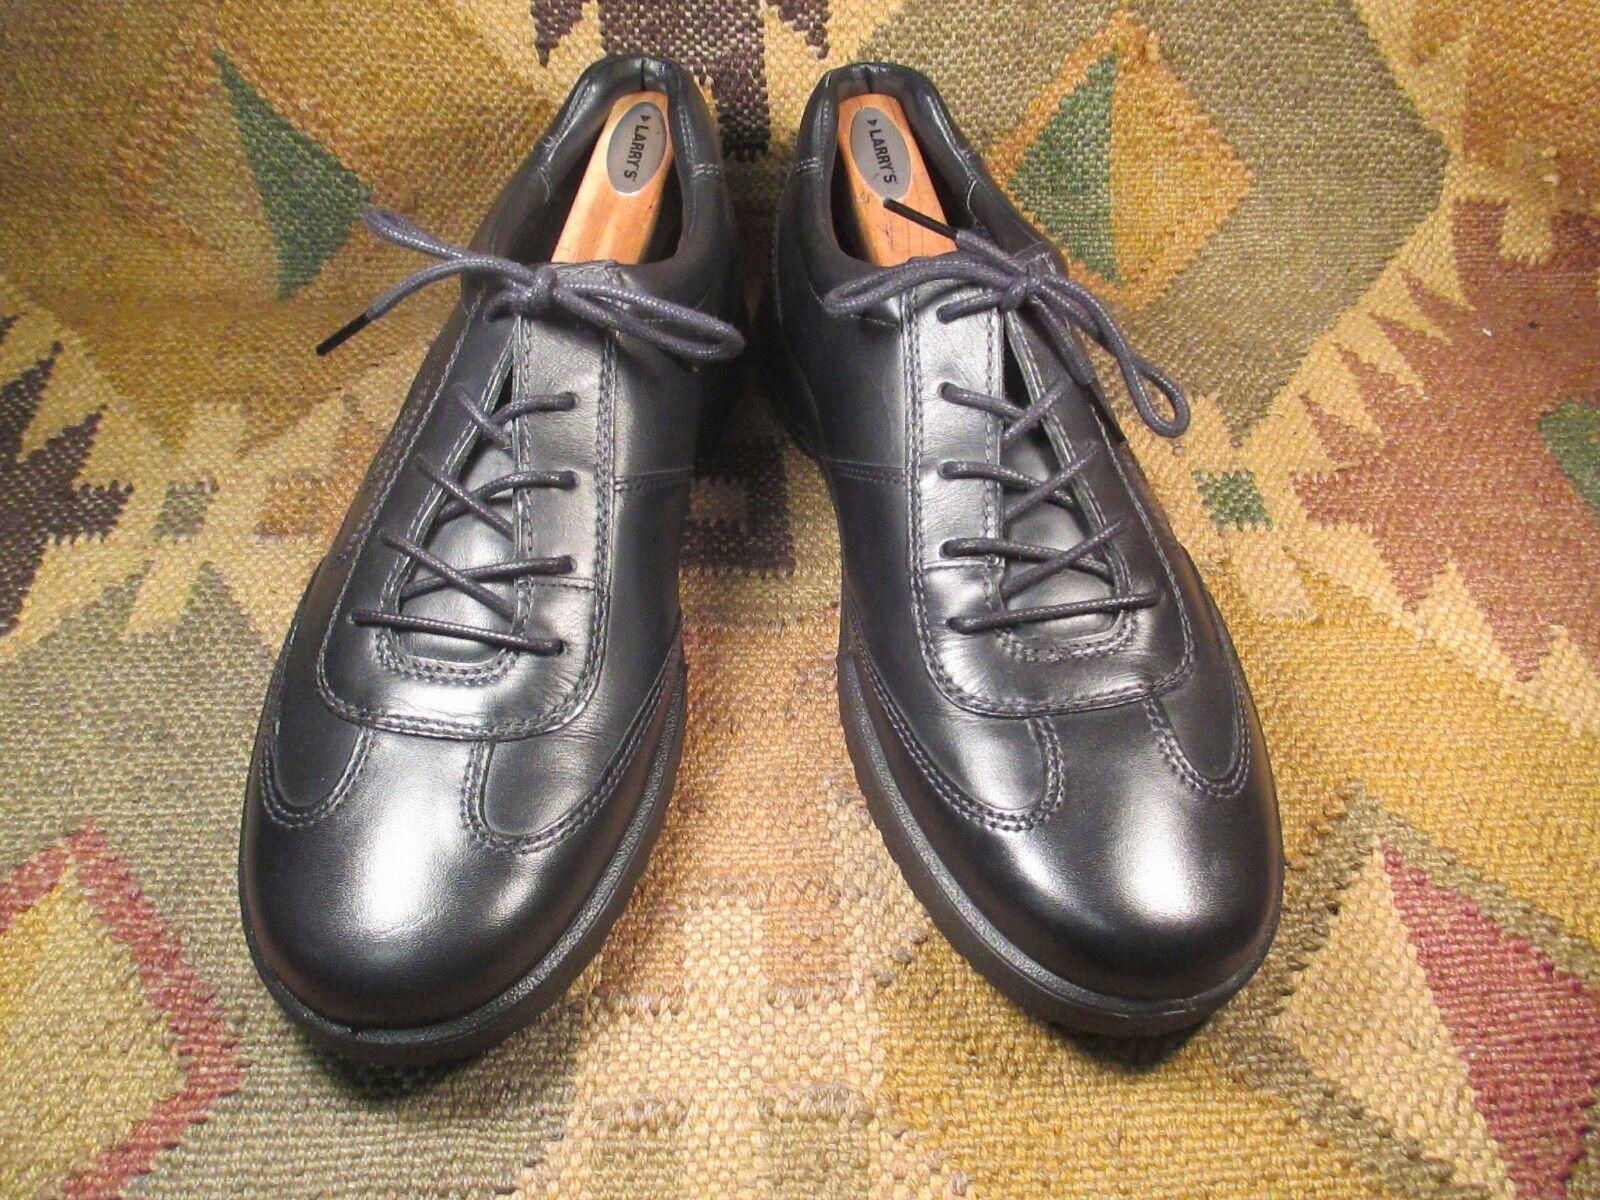 ECCO noir en Cuir Premium Fashion Turnchaussures Taille USA -13 D, milieu EU-47 excellent état utilisé